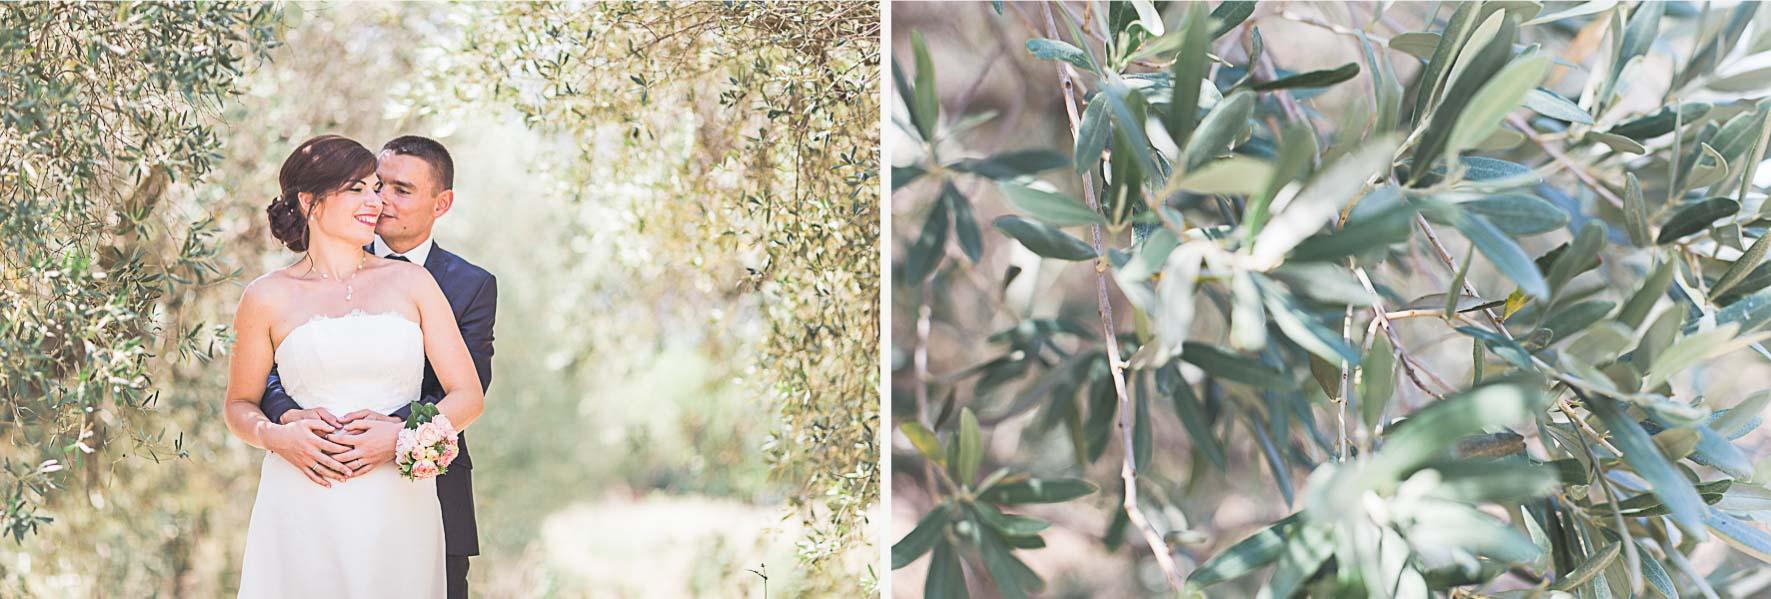 Photographe mariage Aix en Provence - Andrea & Sylvain-13-1